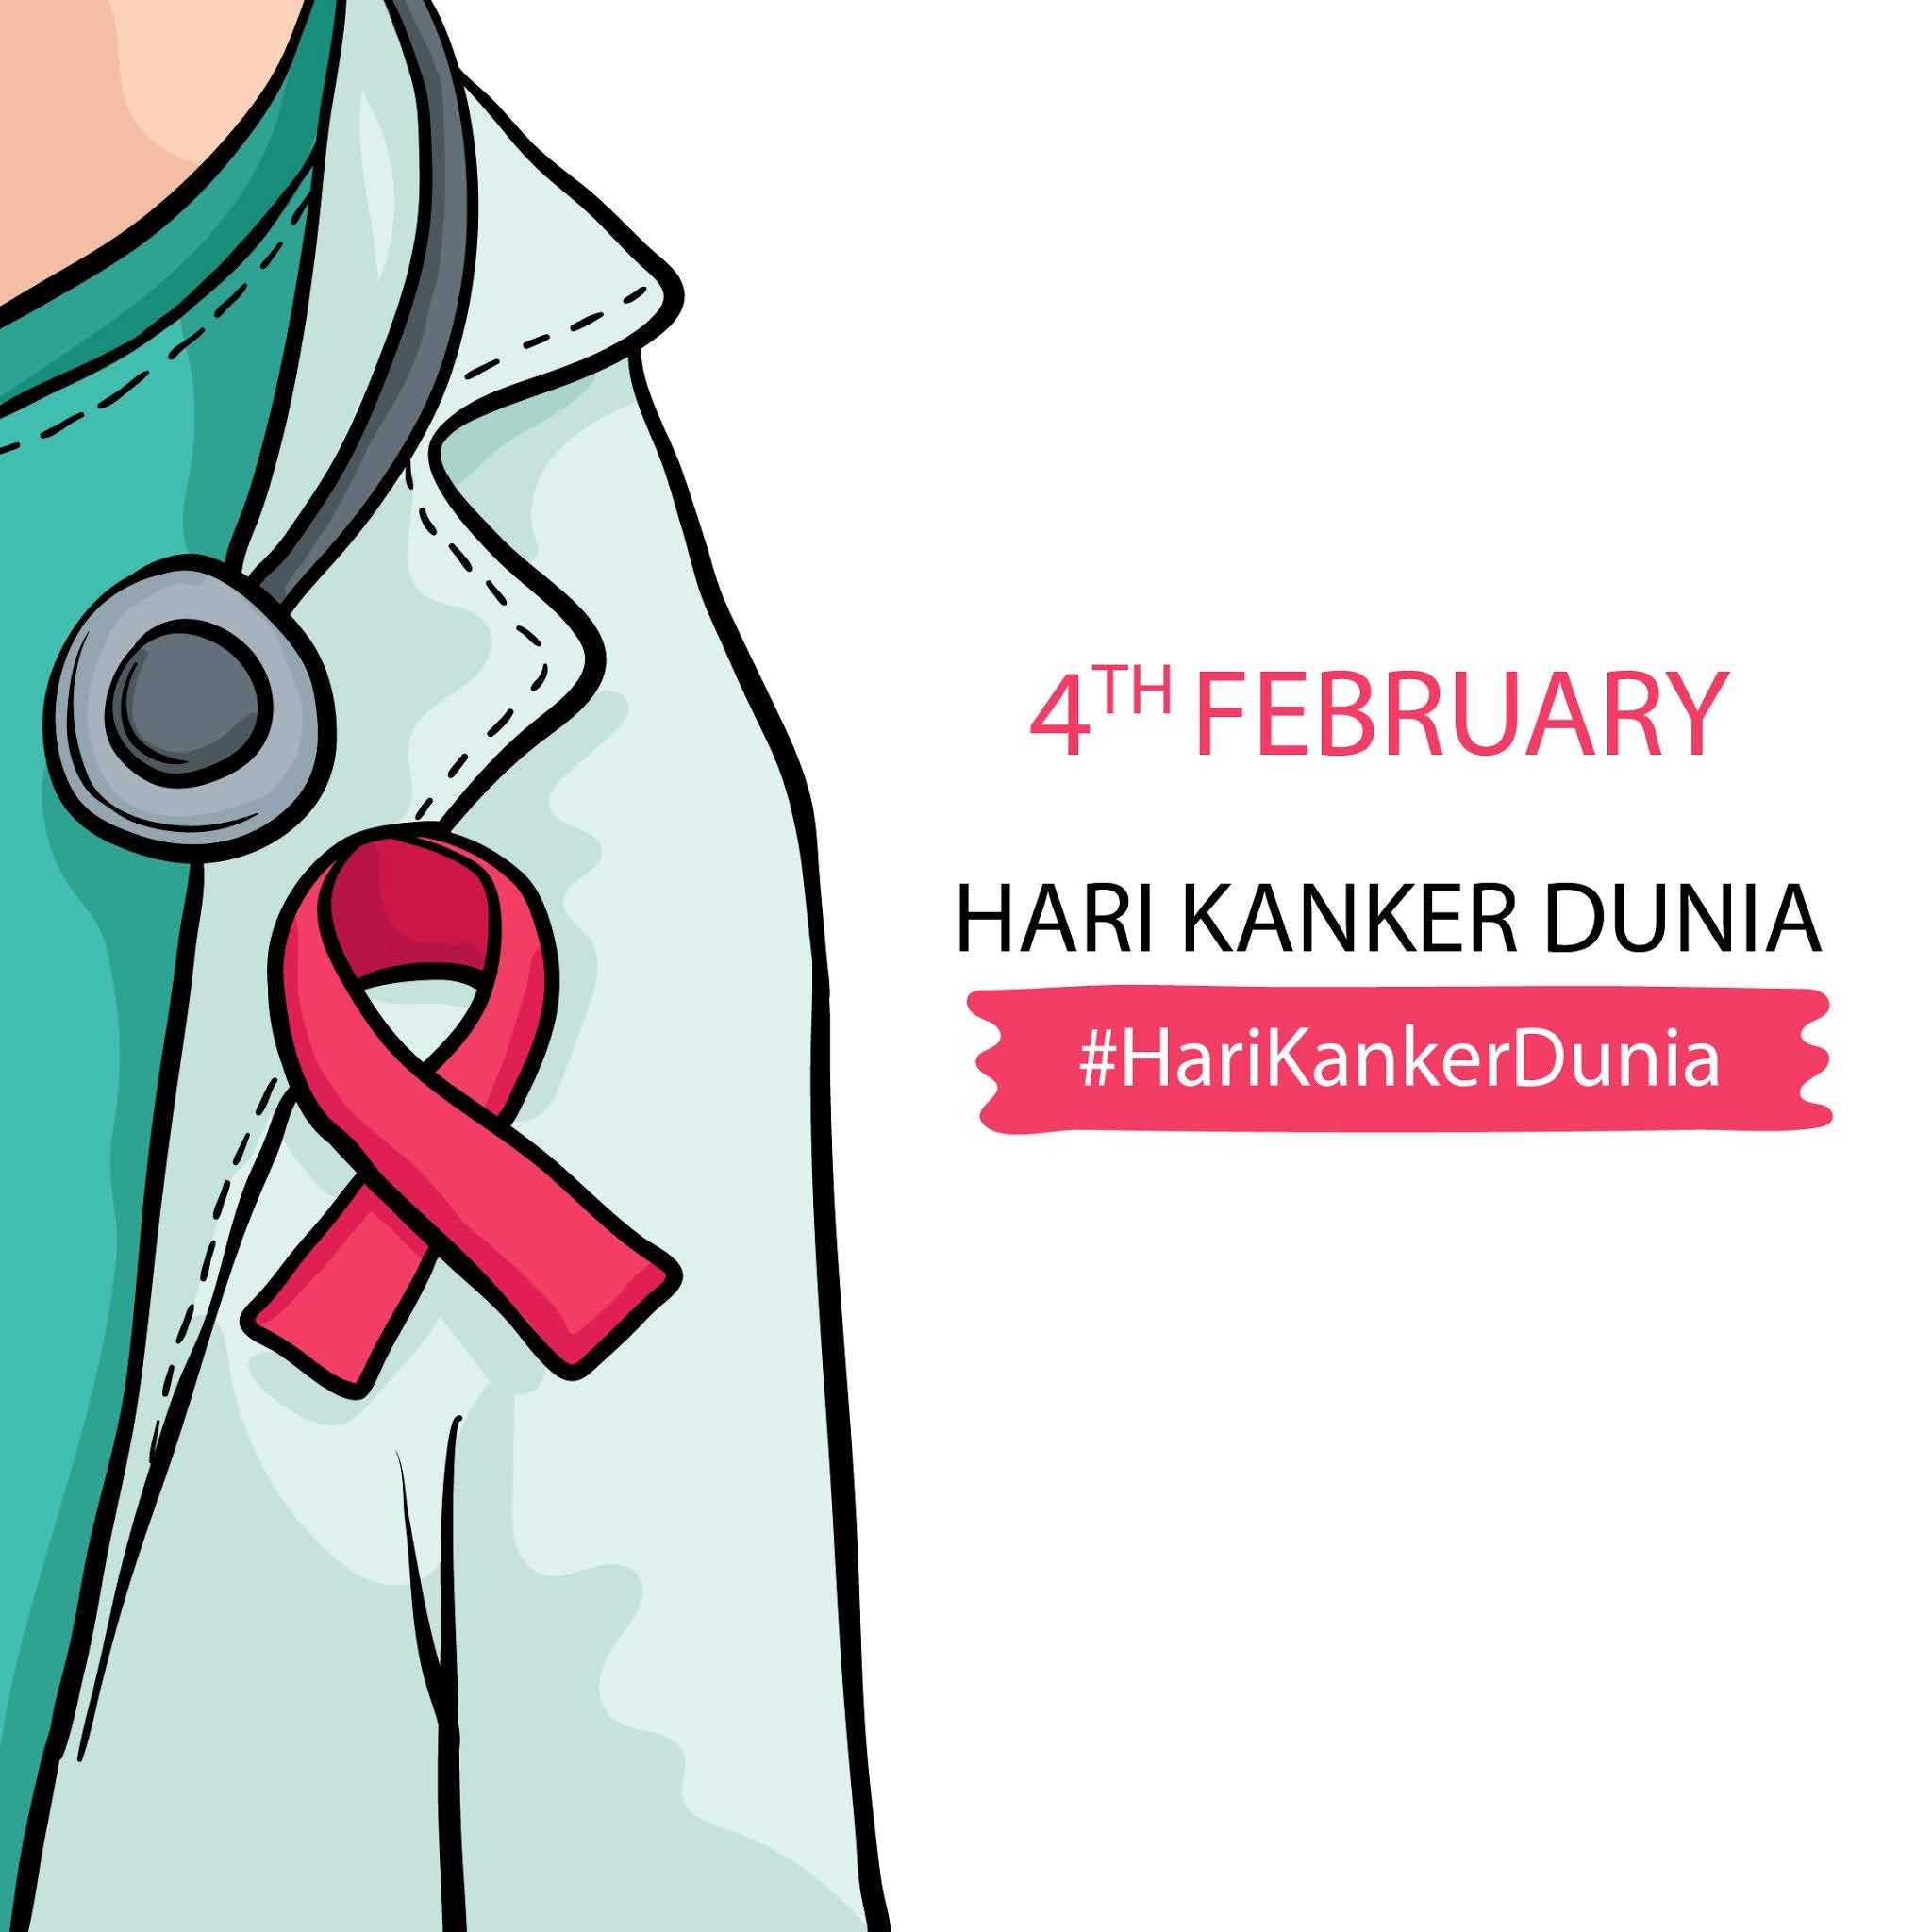 HARI KAKNER DUNIA : Kumpulan Gambar Desain Template hari Kanker Dunia 2021